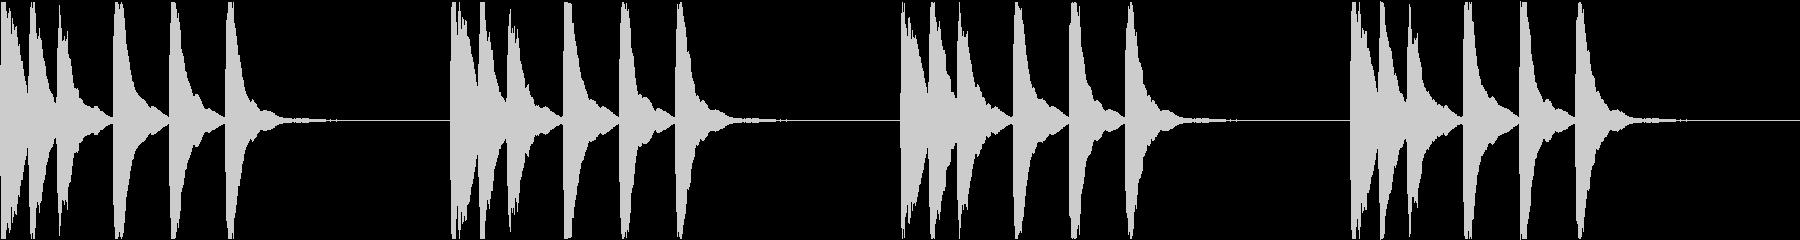 シンプル ベル 着信音 チャイム C18の未再生の波形